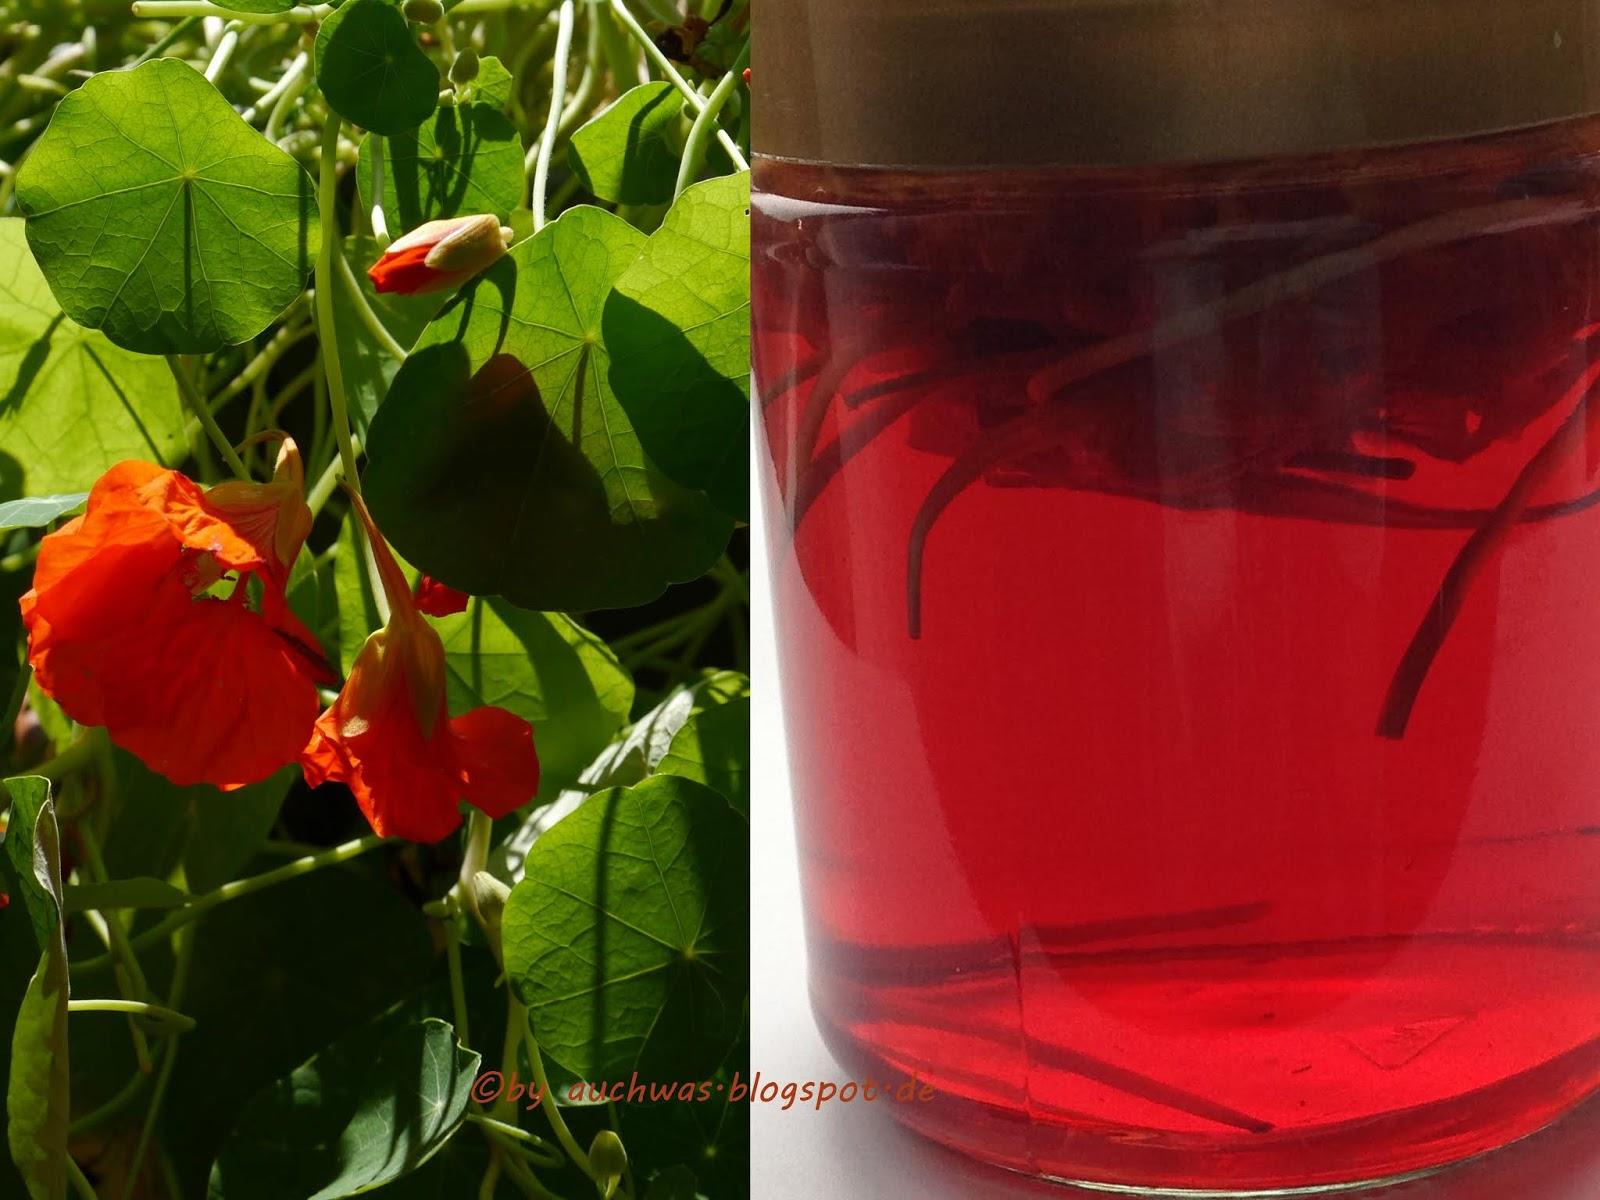 auchwas: Kapuzinerkresse-Blüten-Essig